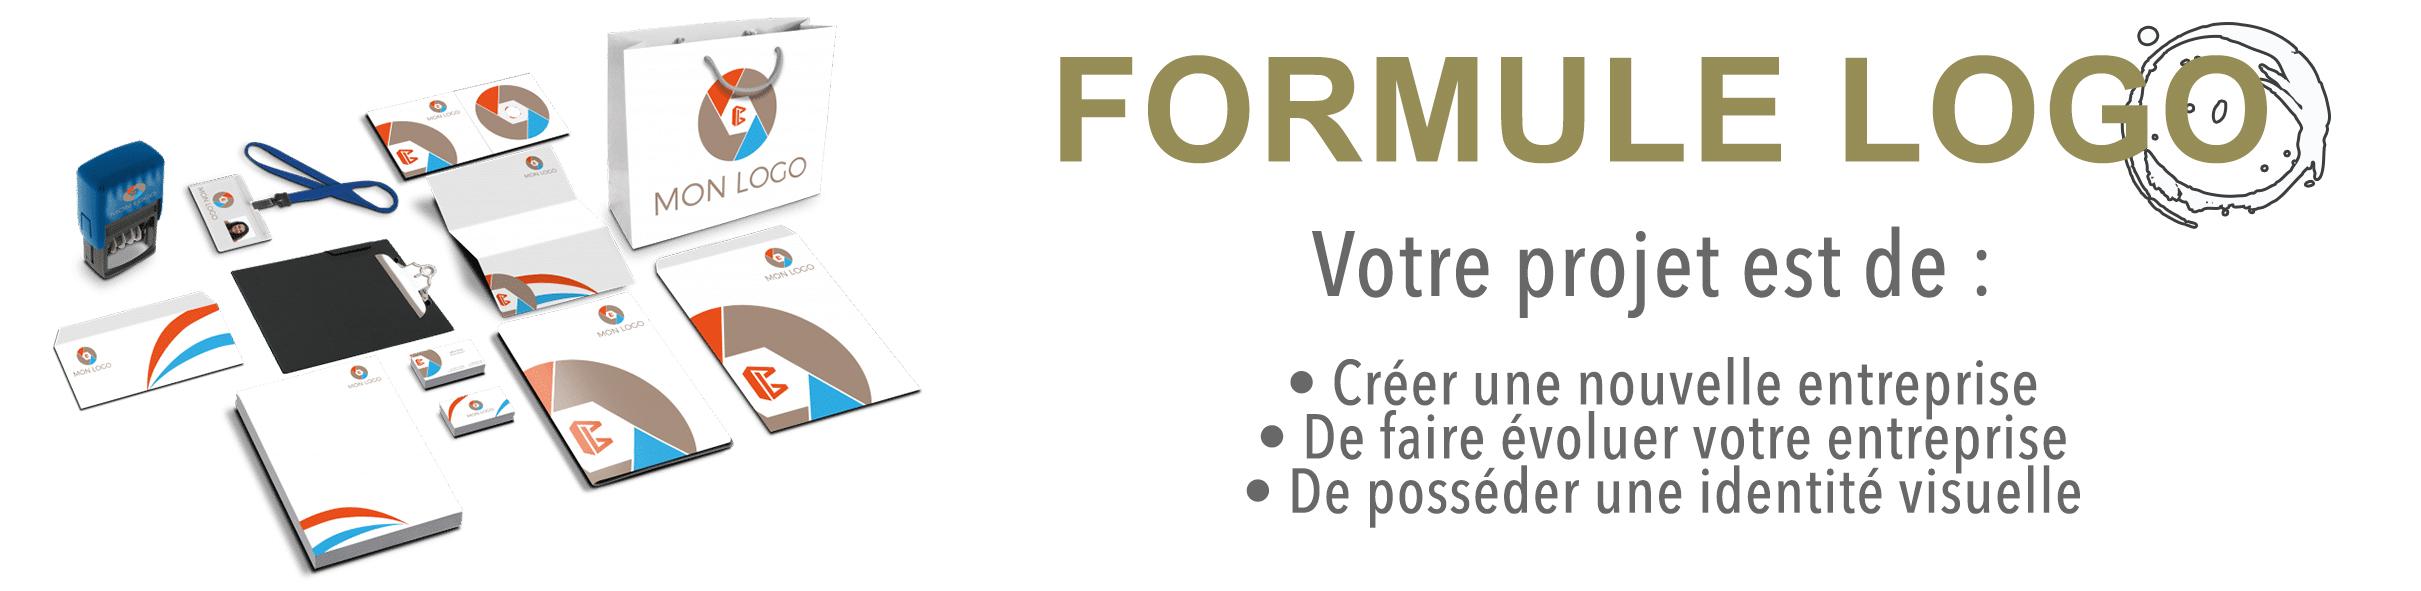 Formule Logo